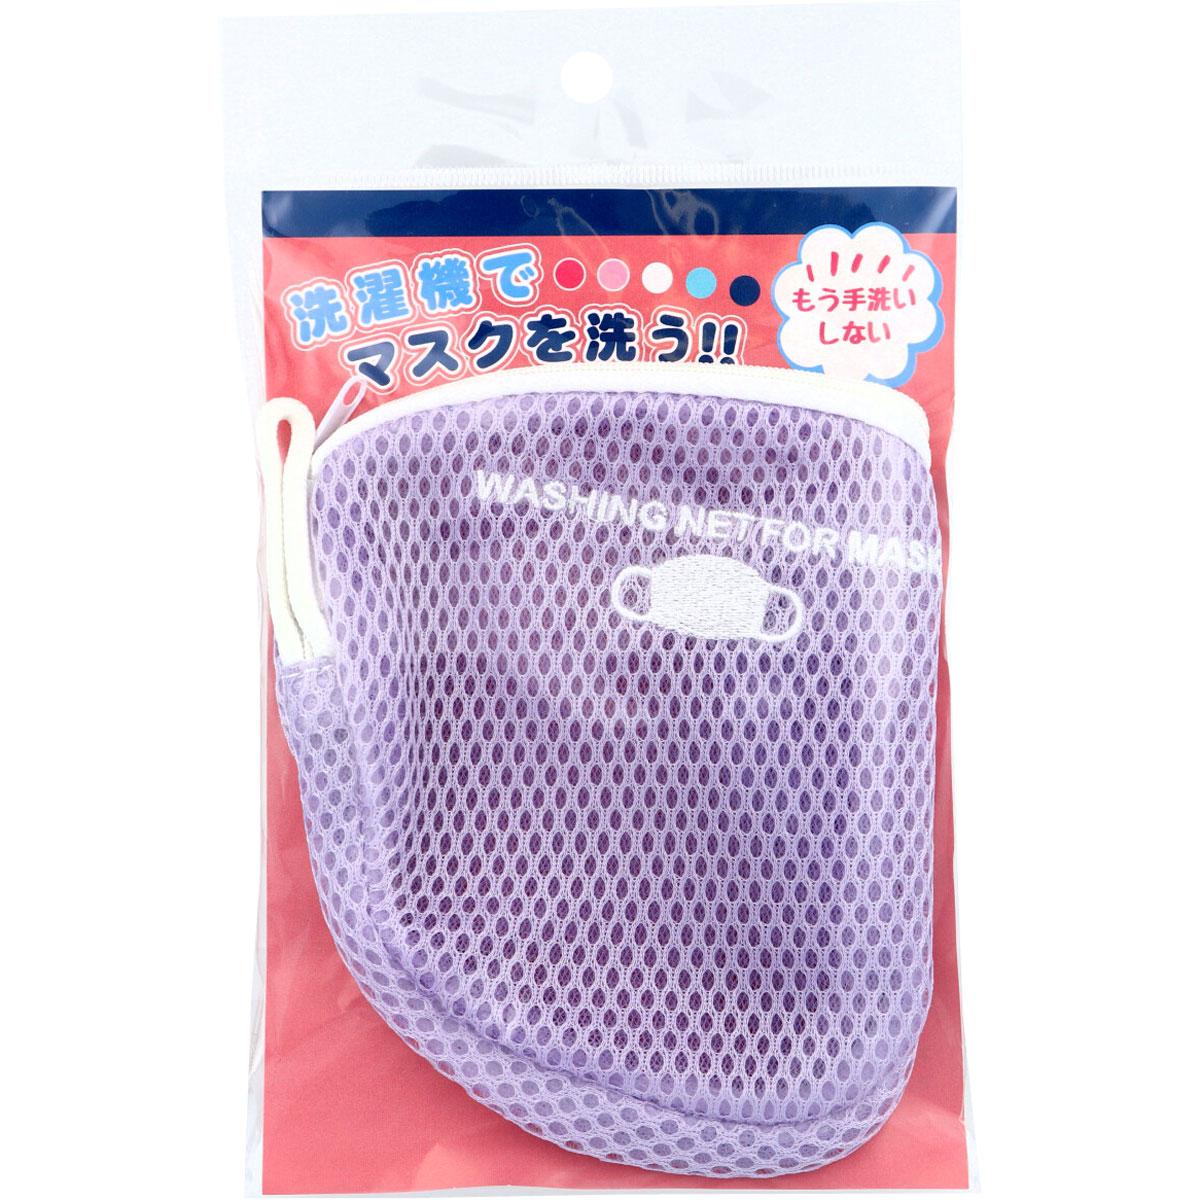 マスク専用洗濯ネット パープル 1枚入